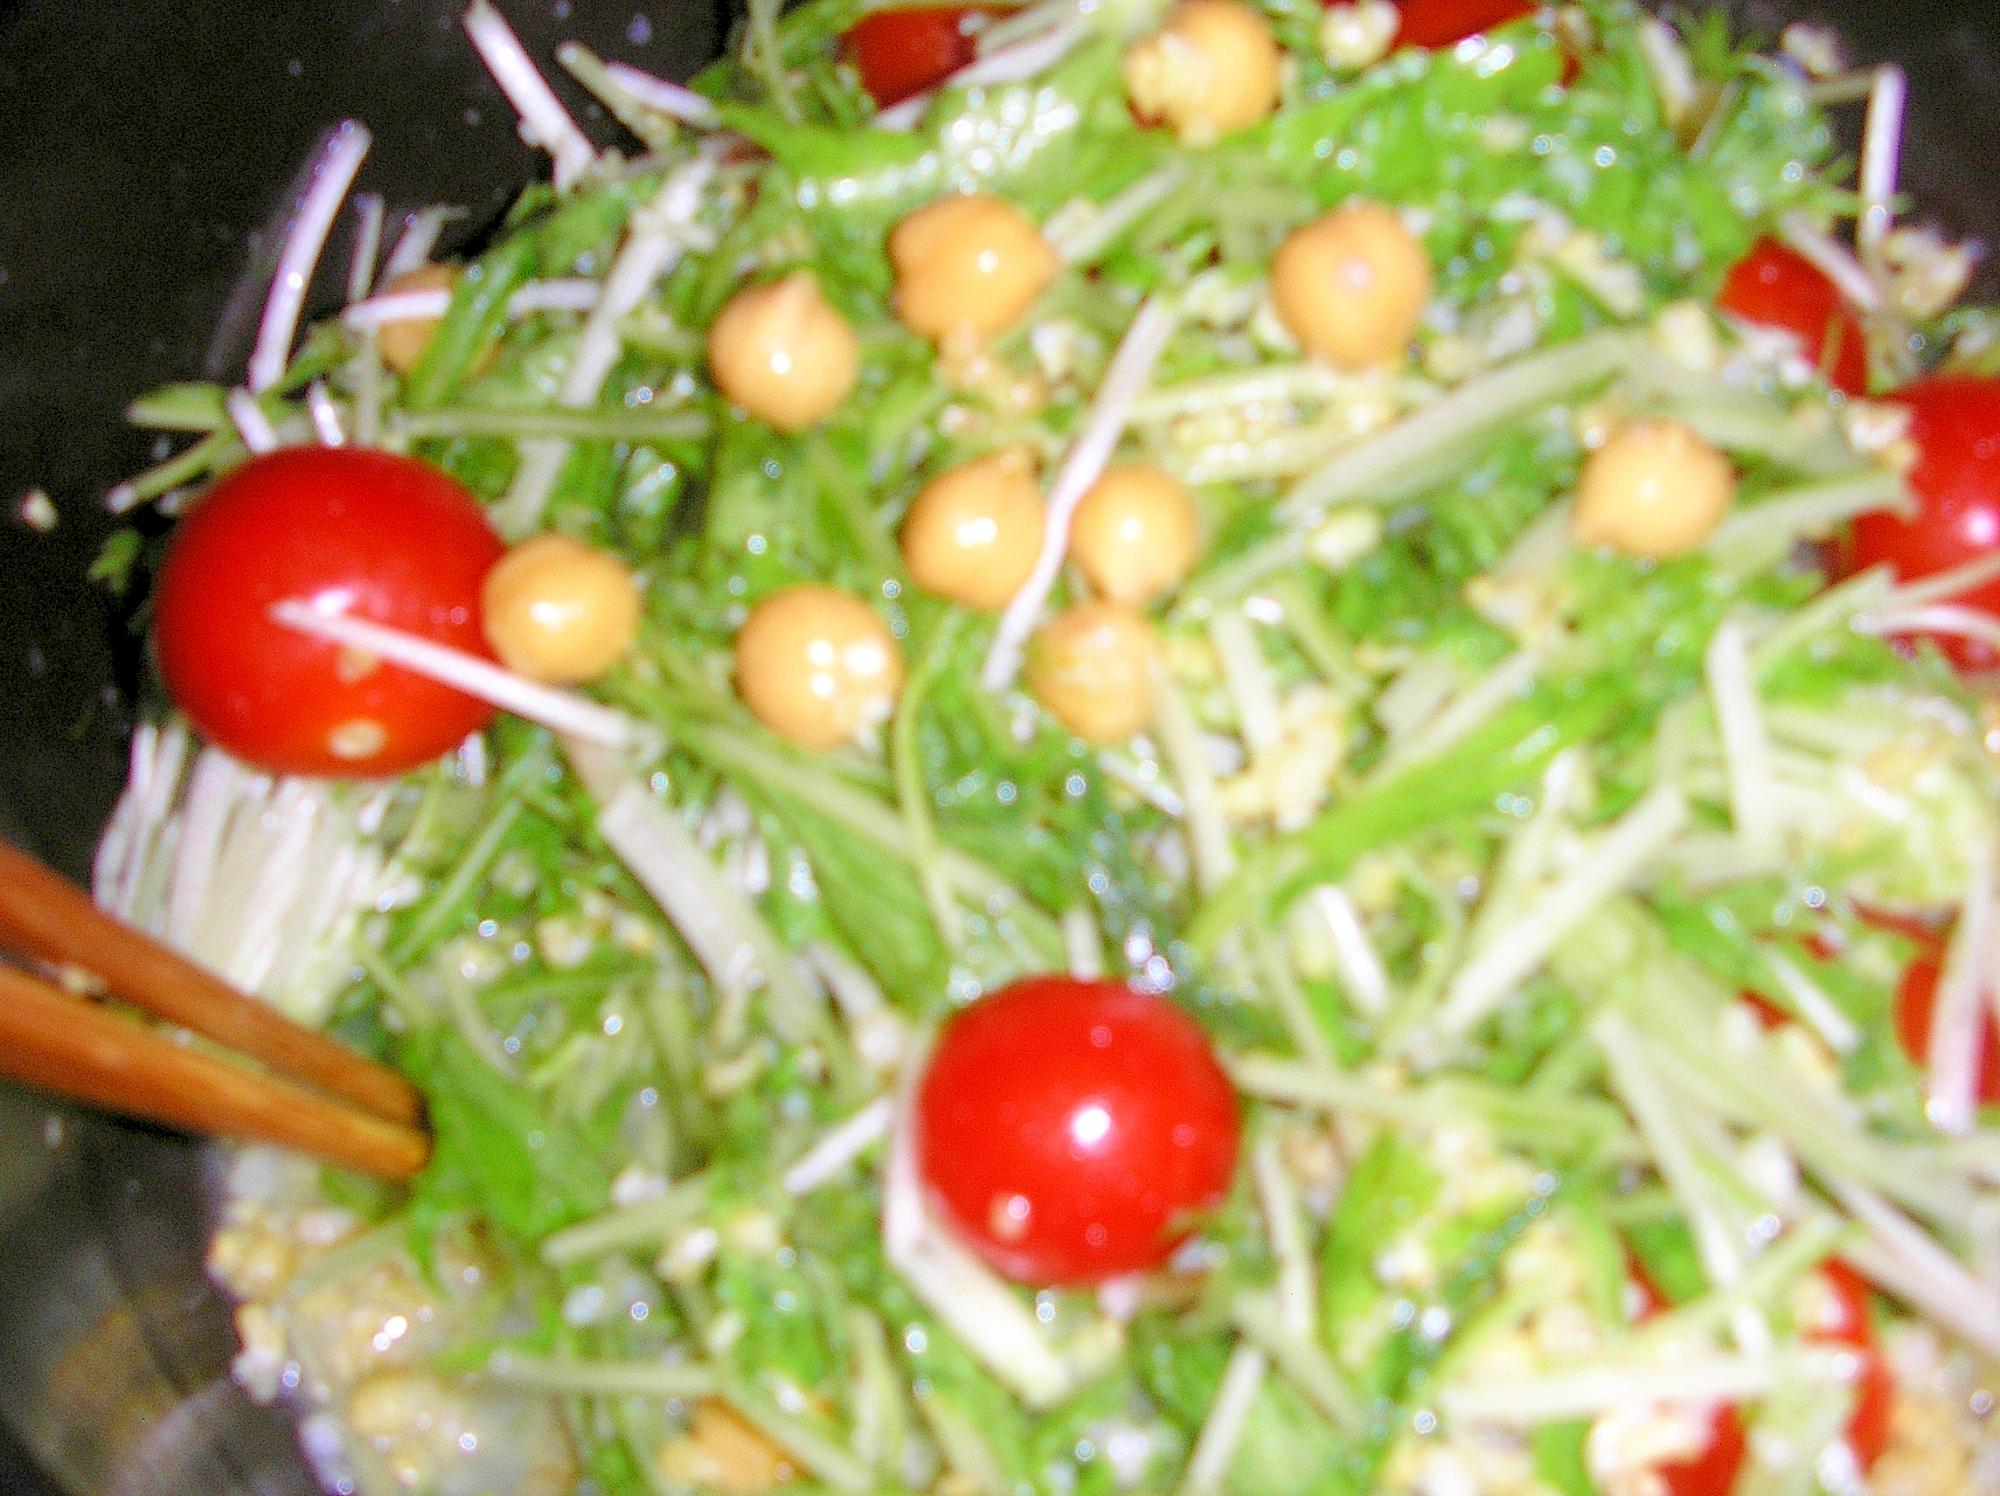 水菜とヒヨコ豆のサラダ